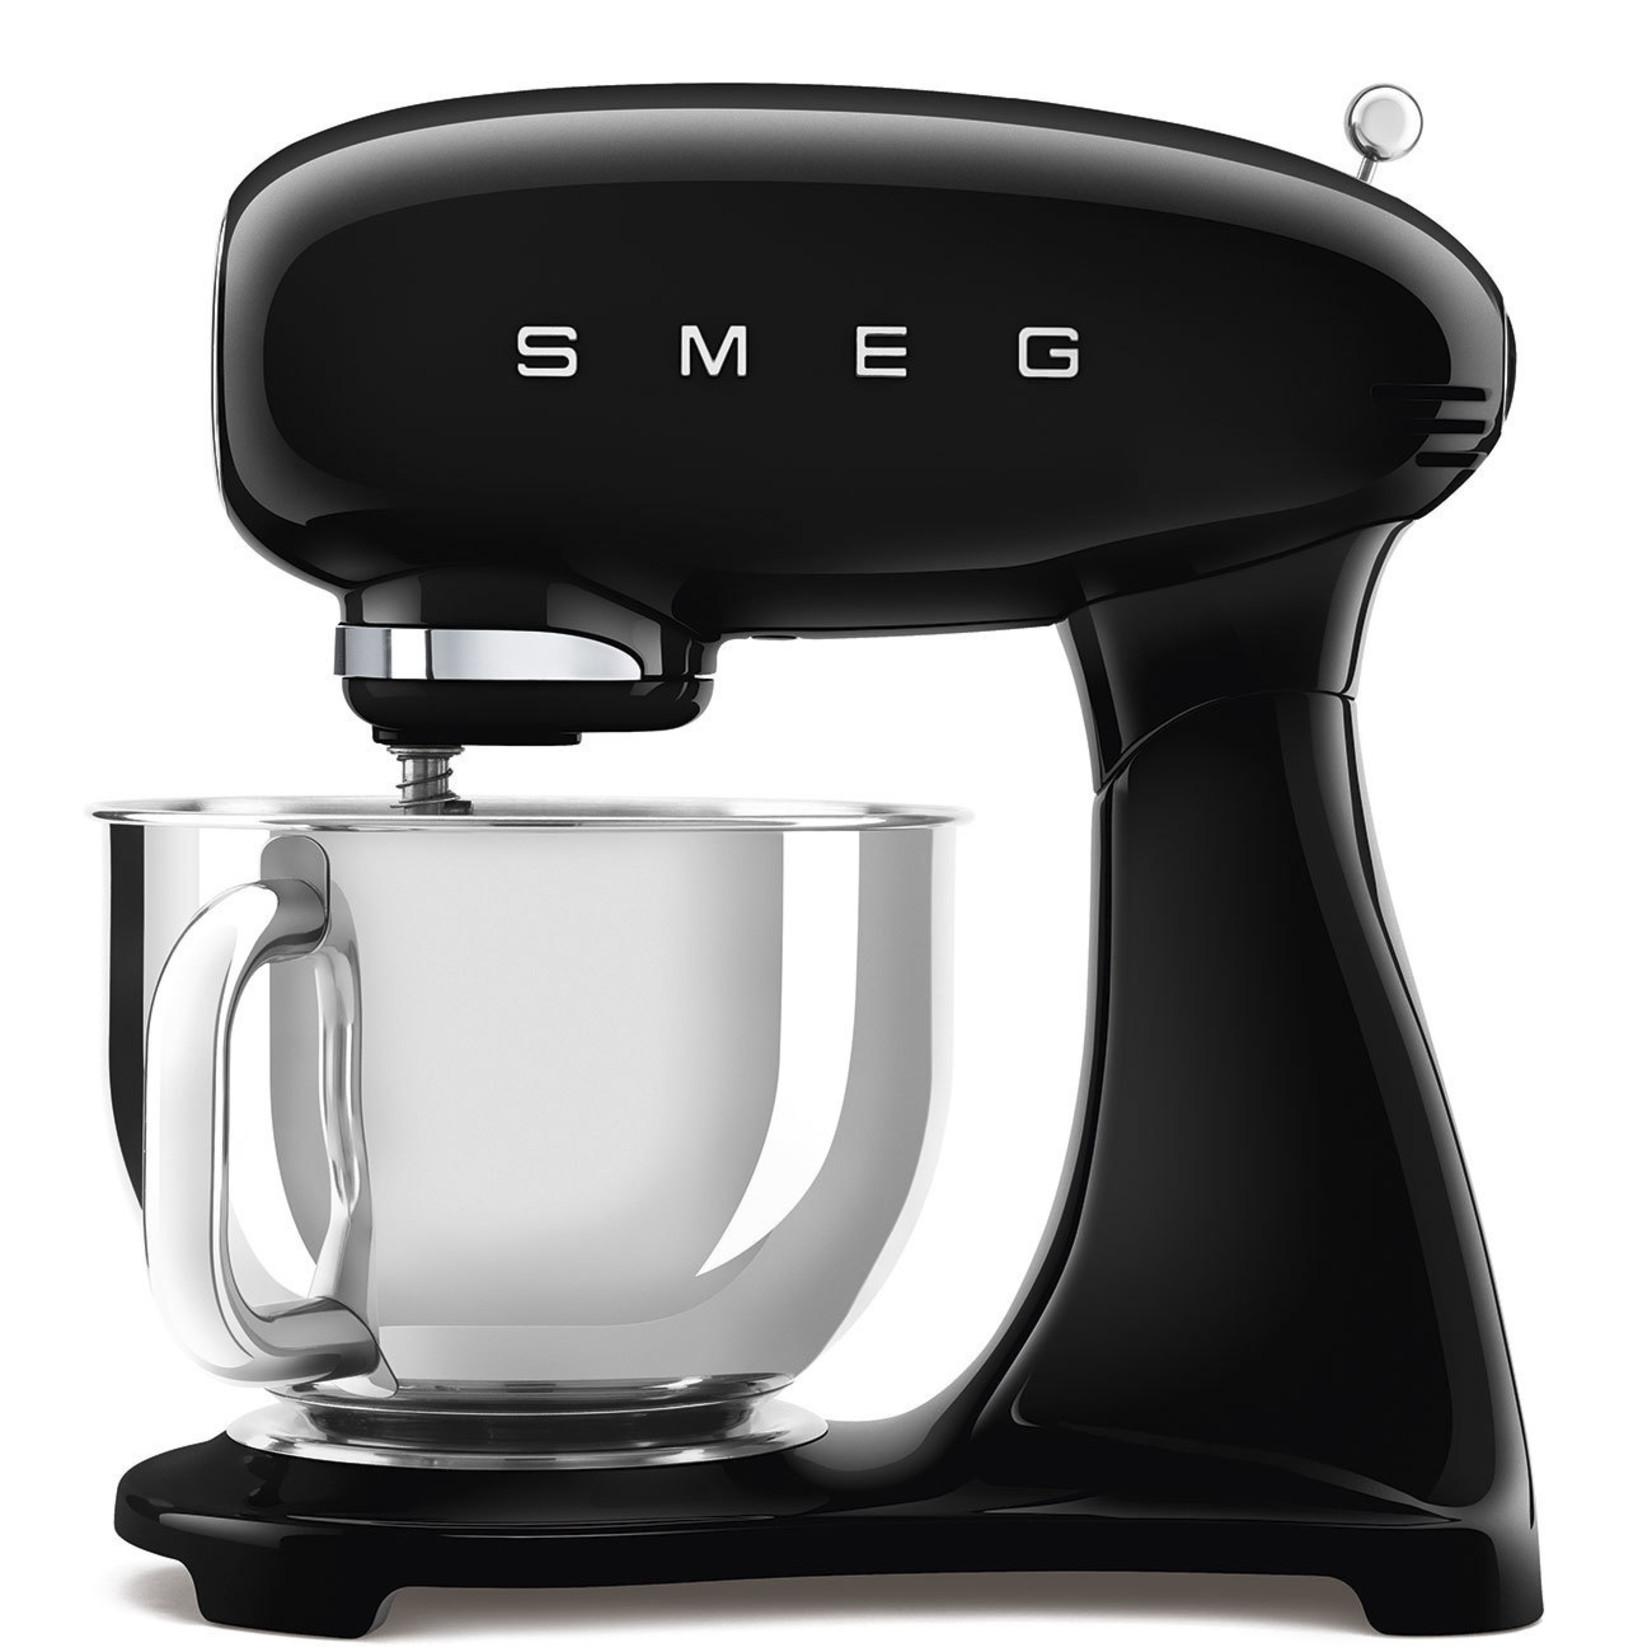 Smeg Smeg Keukenmachine SMF03BLEU, zwart